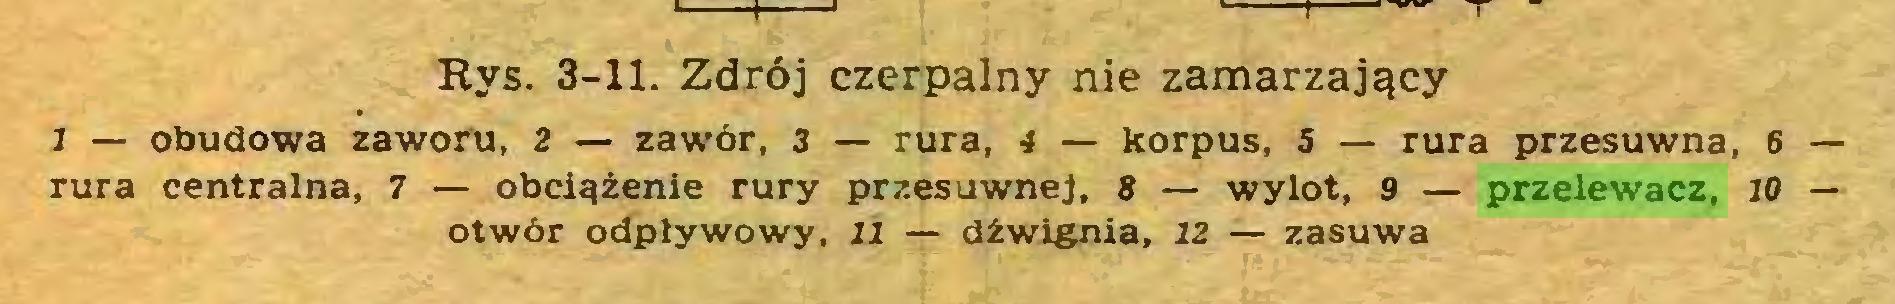 (...) Rys. 3-11. Zdrój czerpalny nie zamarzający I — obudowa zaworu, 2 — zawór, 3 — rura, 4 — korpus, 5 — rura przesuwna, 6 — rura centralna, 7 — obciążenie rury przesuwnej, 8 — wylot, 9 — przelewacz, 10 — otwór odpływowy, 11 — dźwignia, 12 — zasuwa...